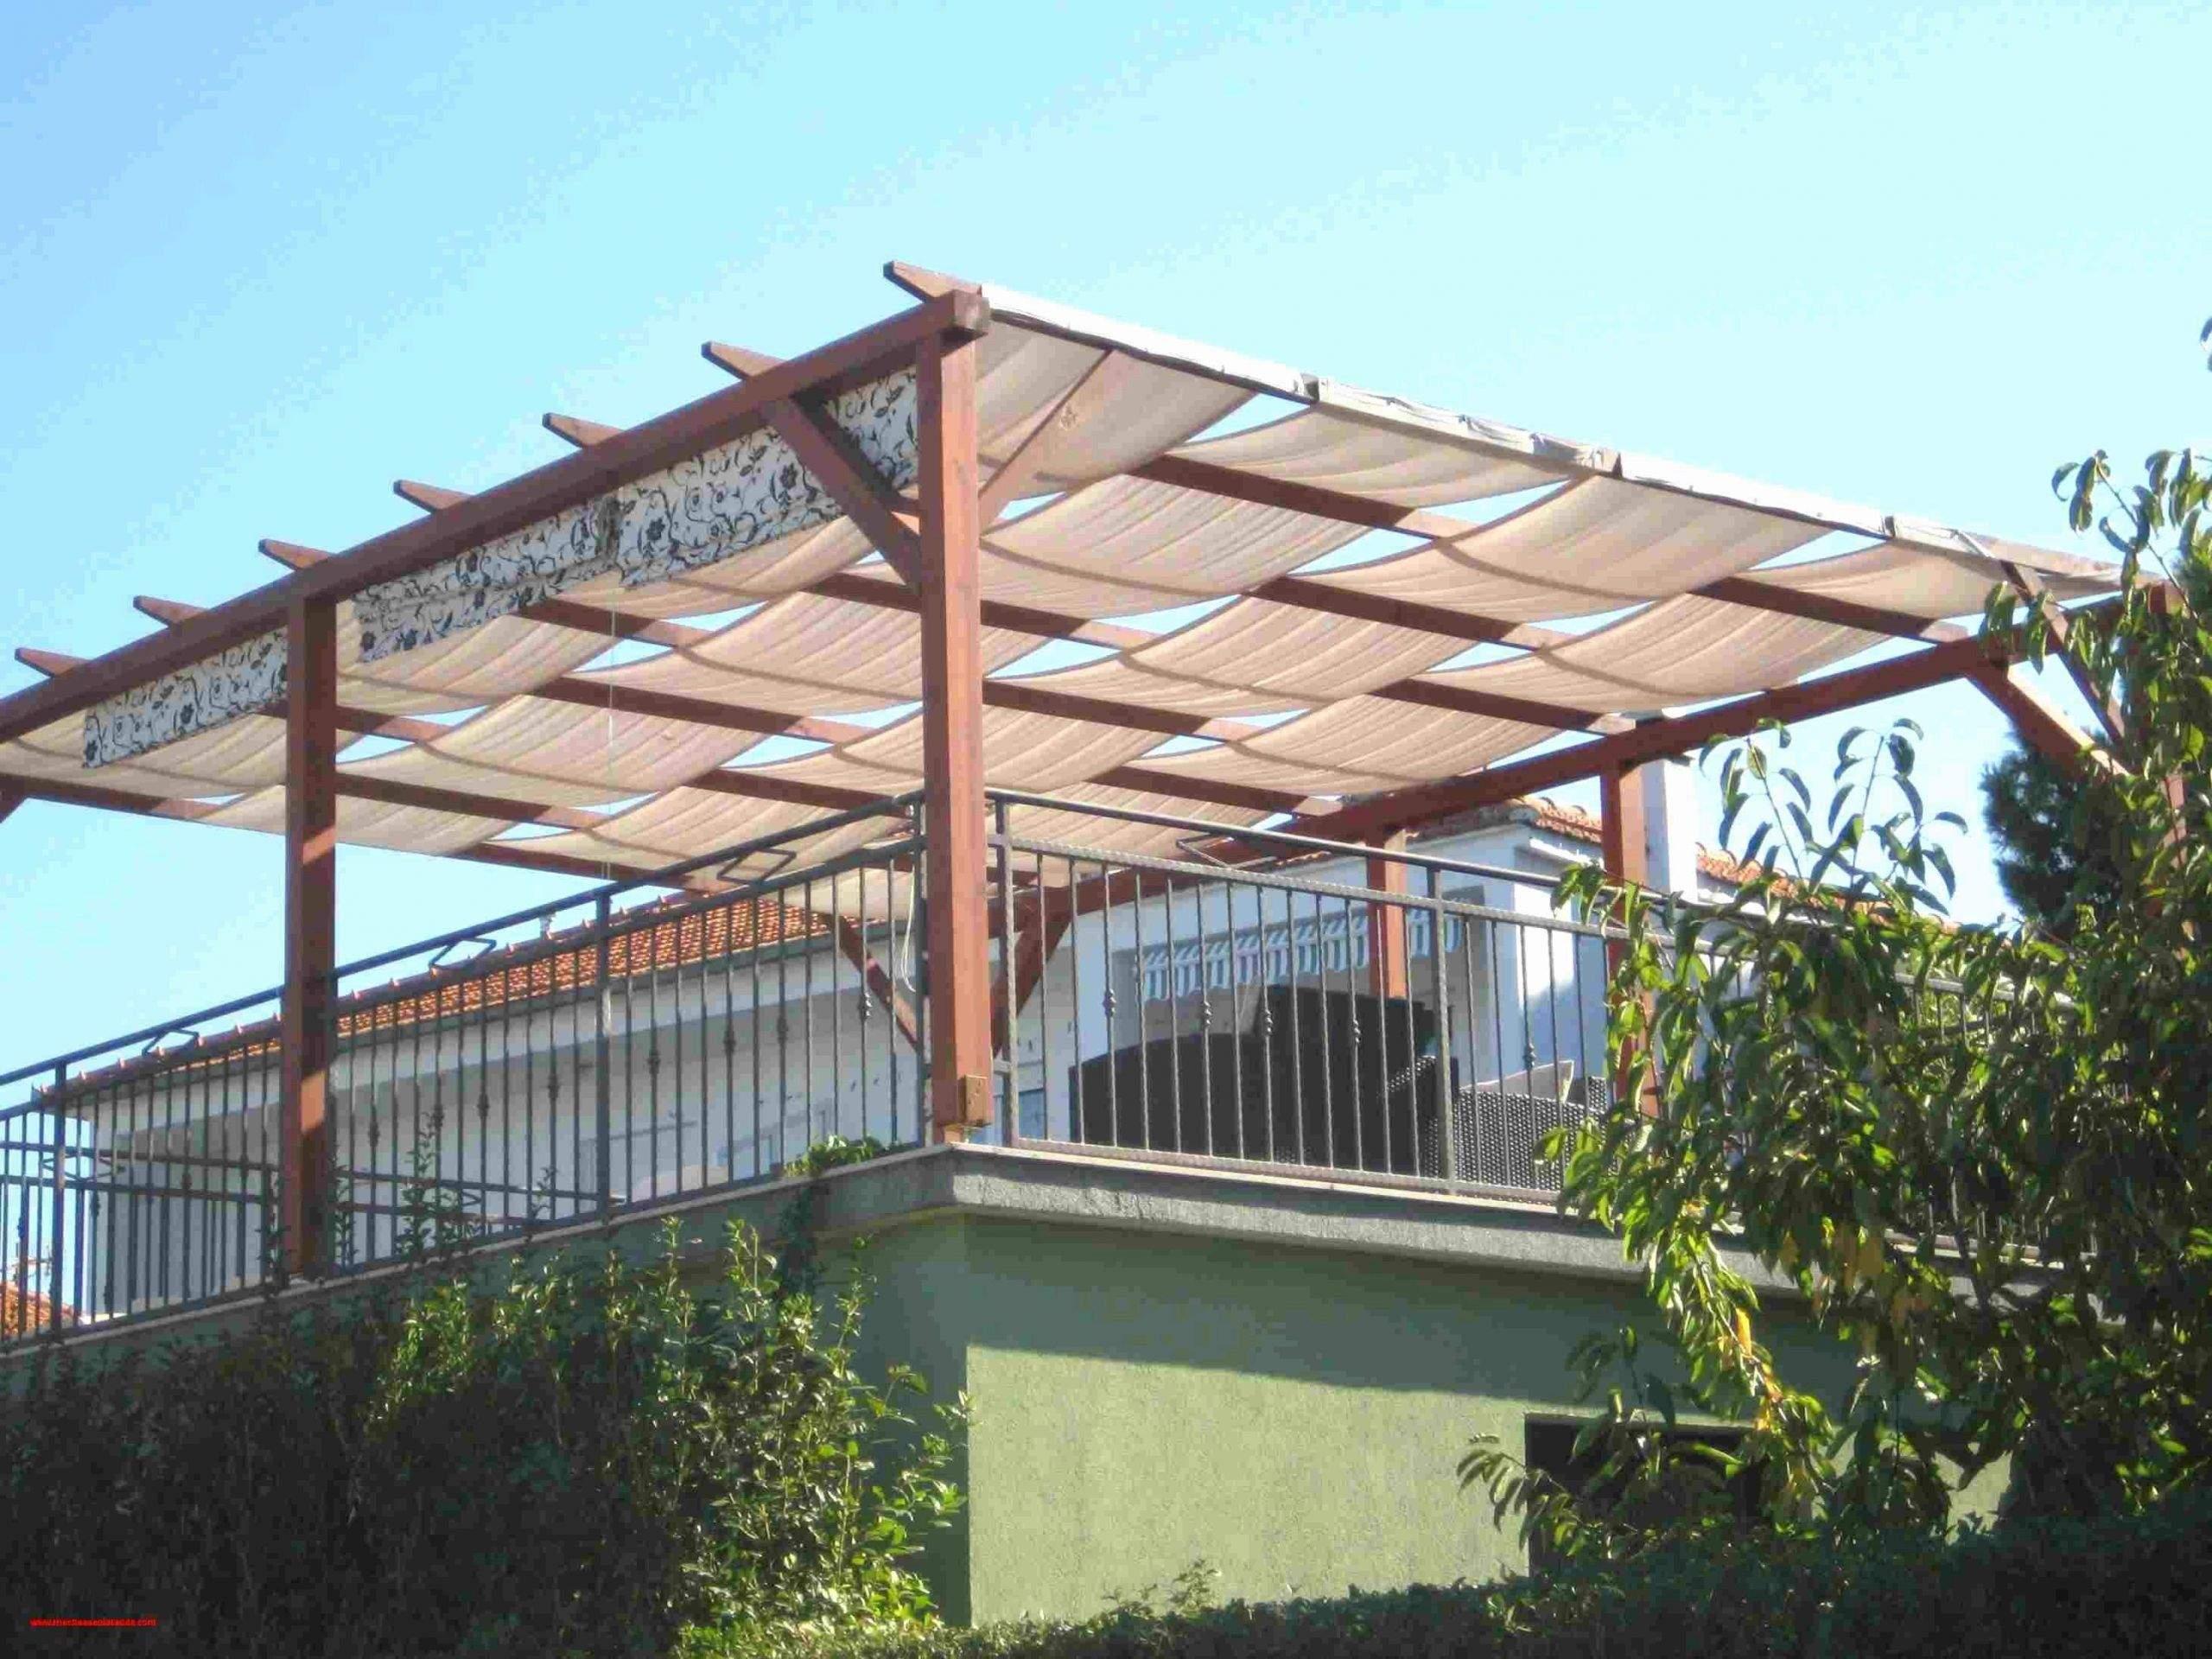 sonnendach garten das beste von oberteil 45 zum terrasse holz unterkonstruktion bauanleitung of sonnendach garten scaled